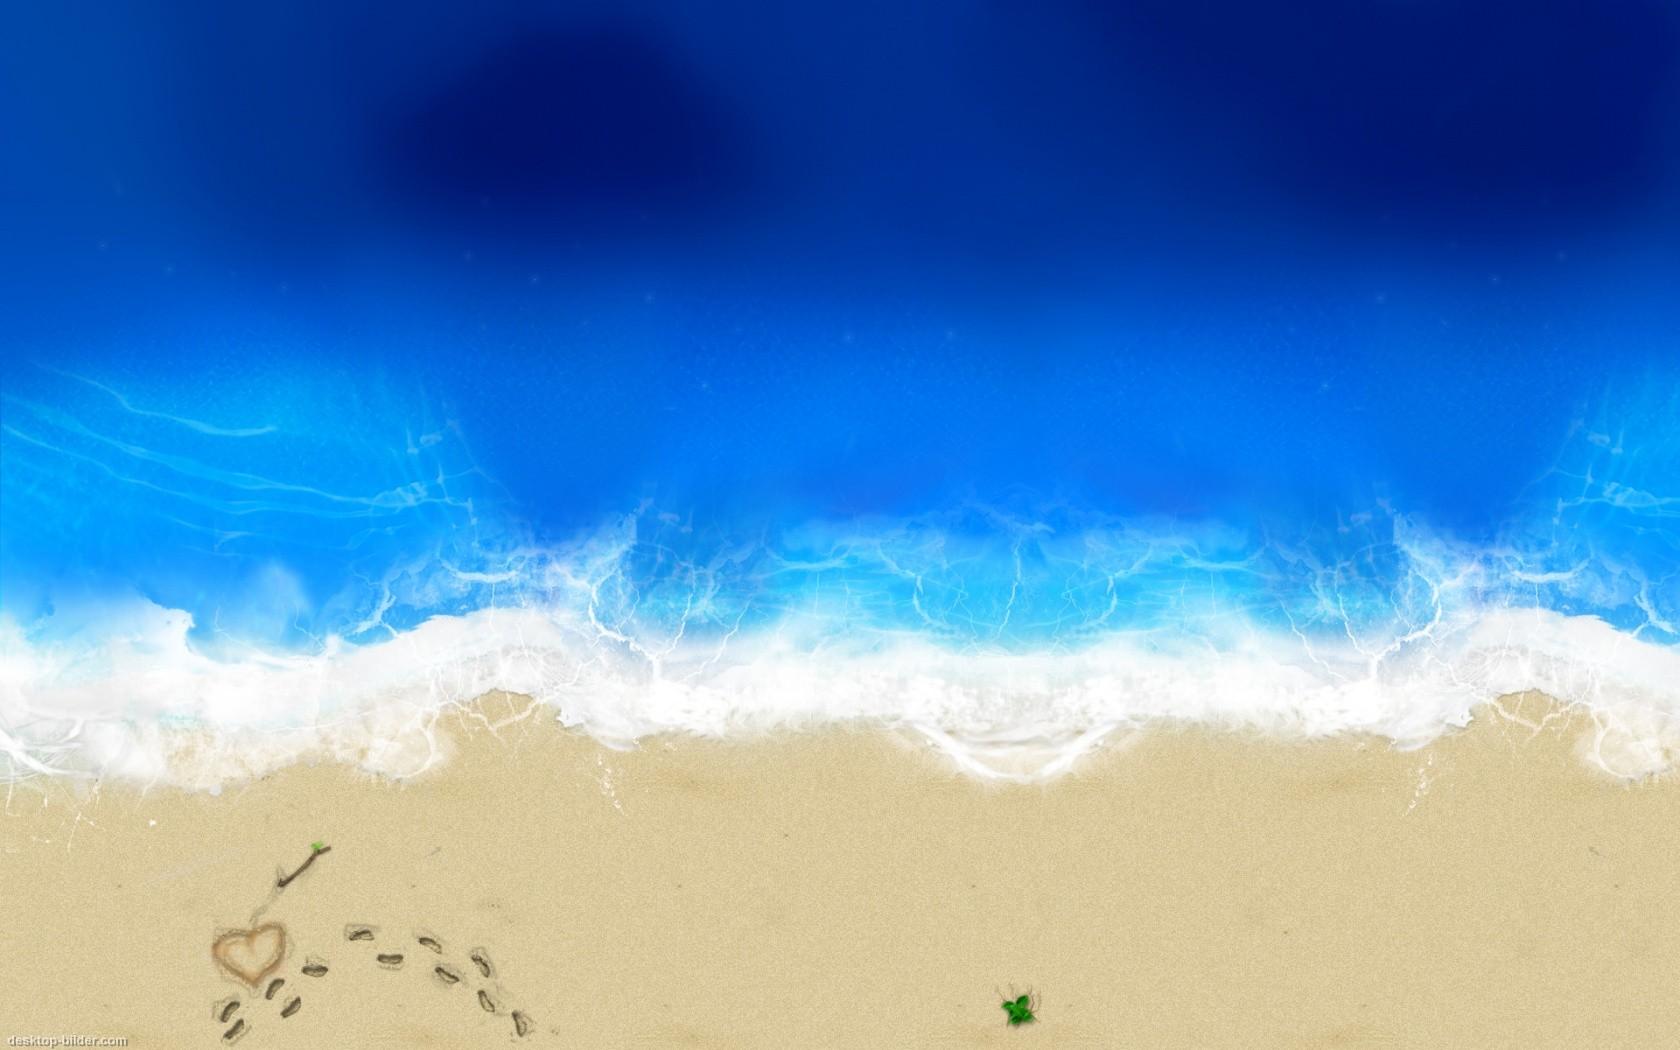 Schaue dir den Hintergrundbild Liebes Strand in der Gre von 1680x1050